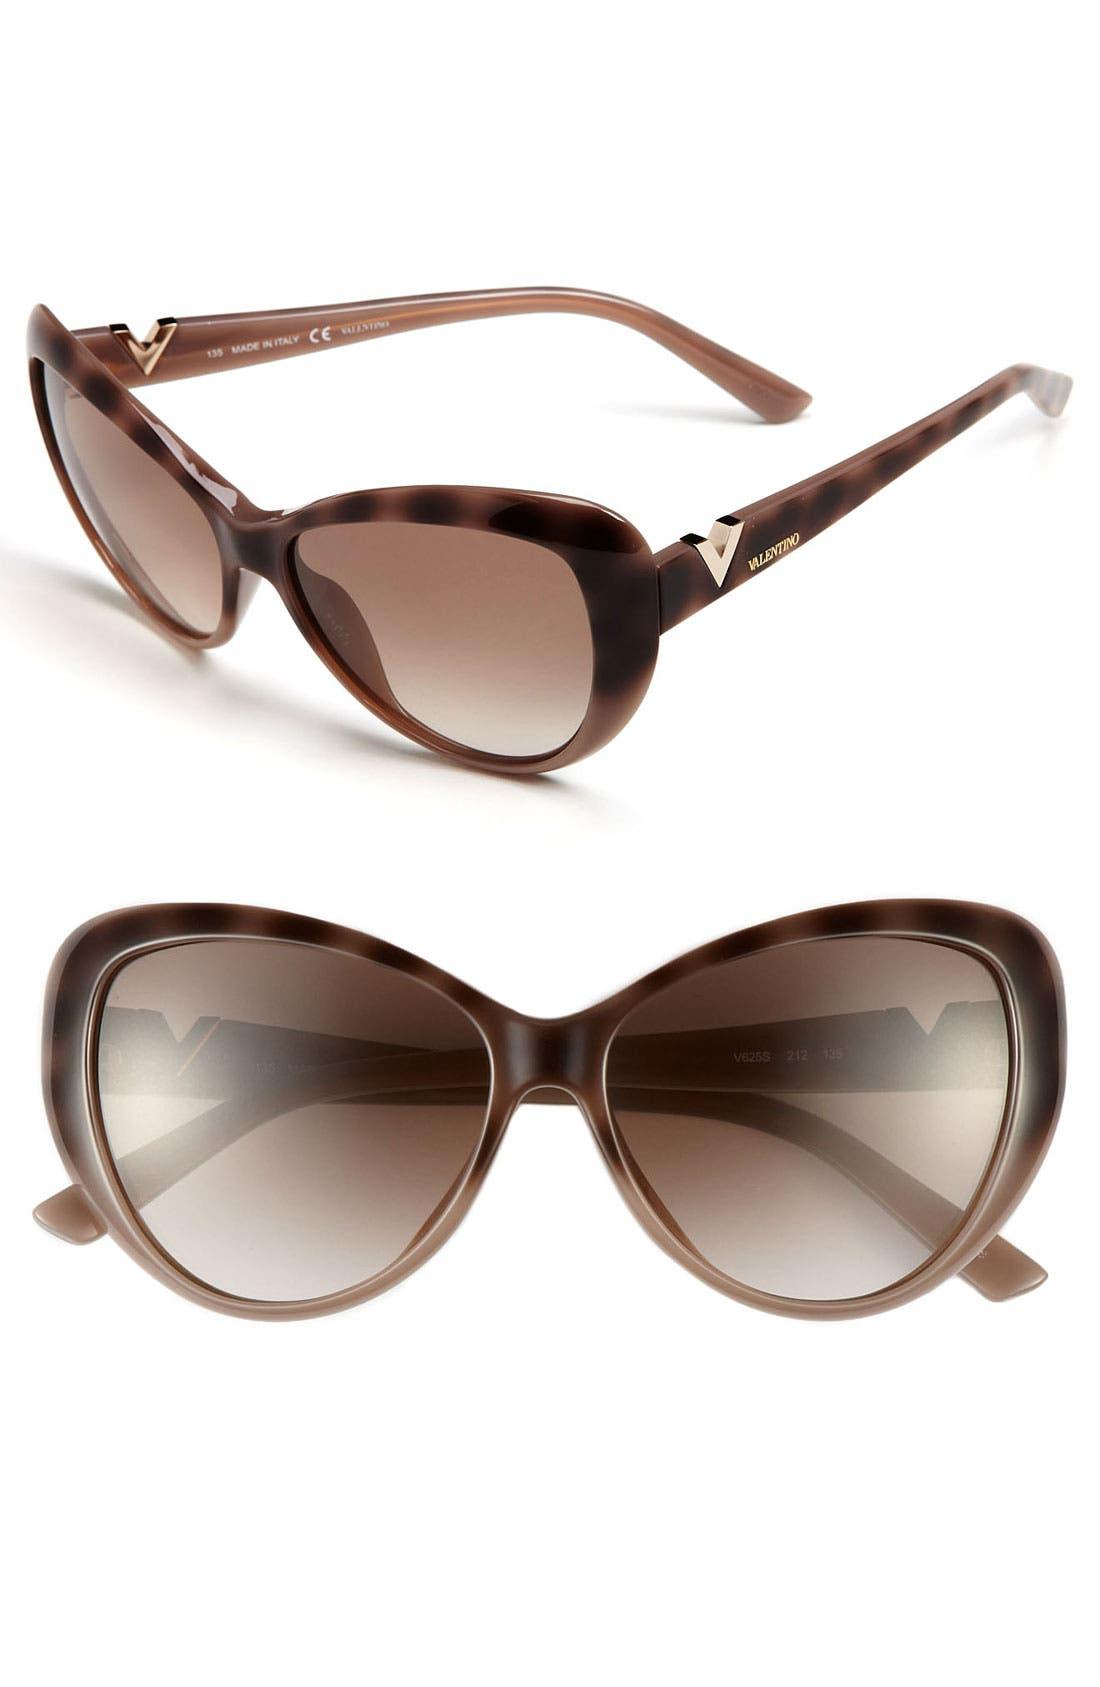 Main Image - Valentino Cat Eye Sunglasses